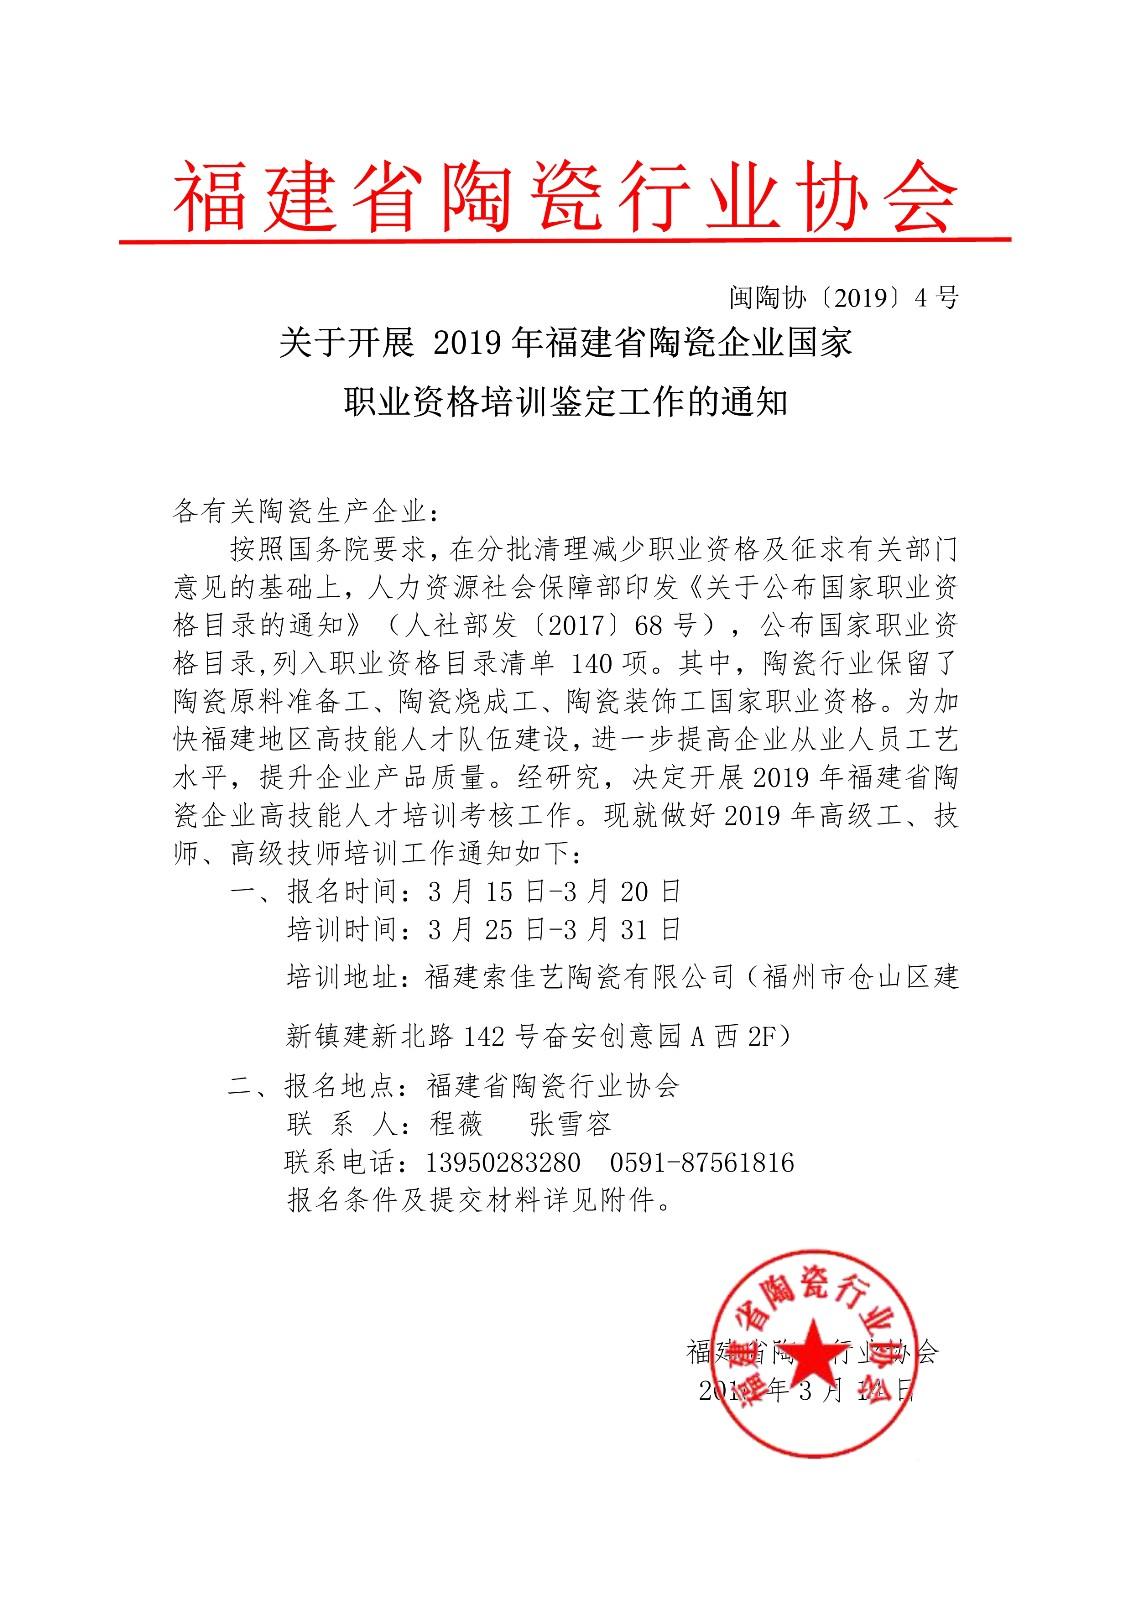 关于开展 2019年福建省福州市乐天堂fun88app企业国家职业资格培训鉴定工作的通知 - 副本_1.jpg